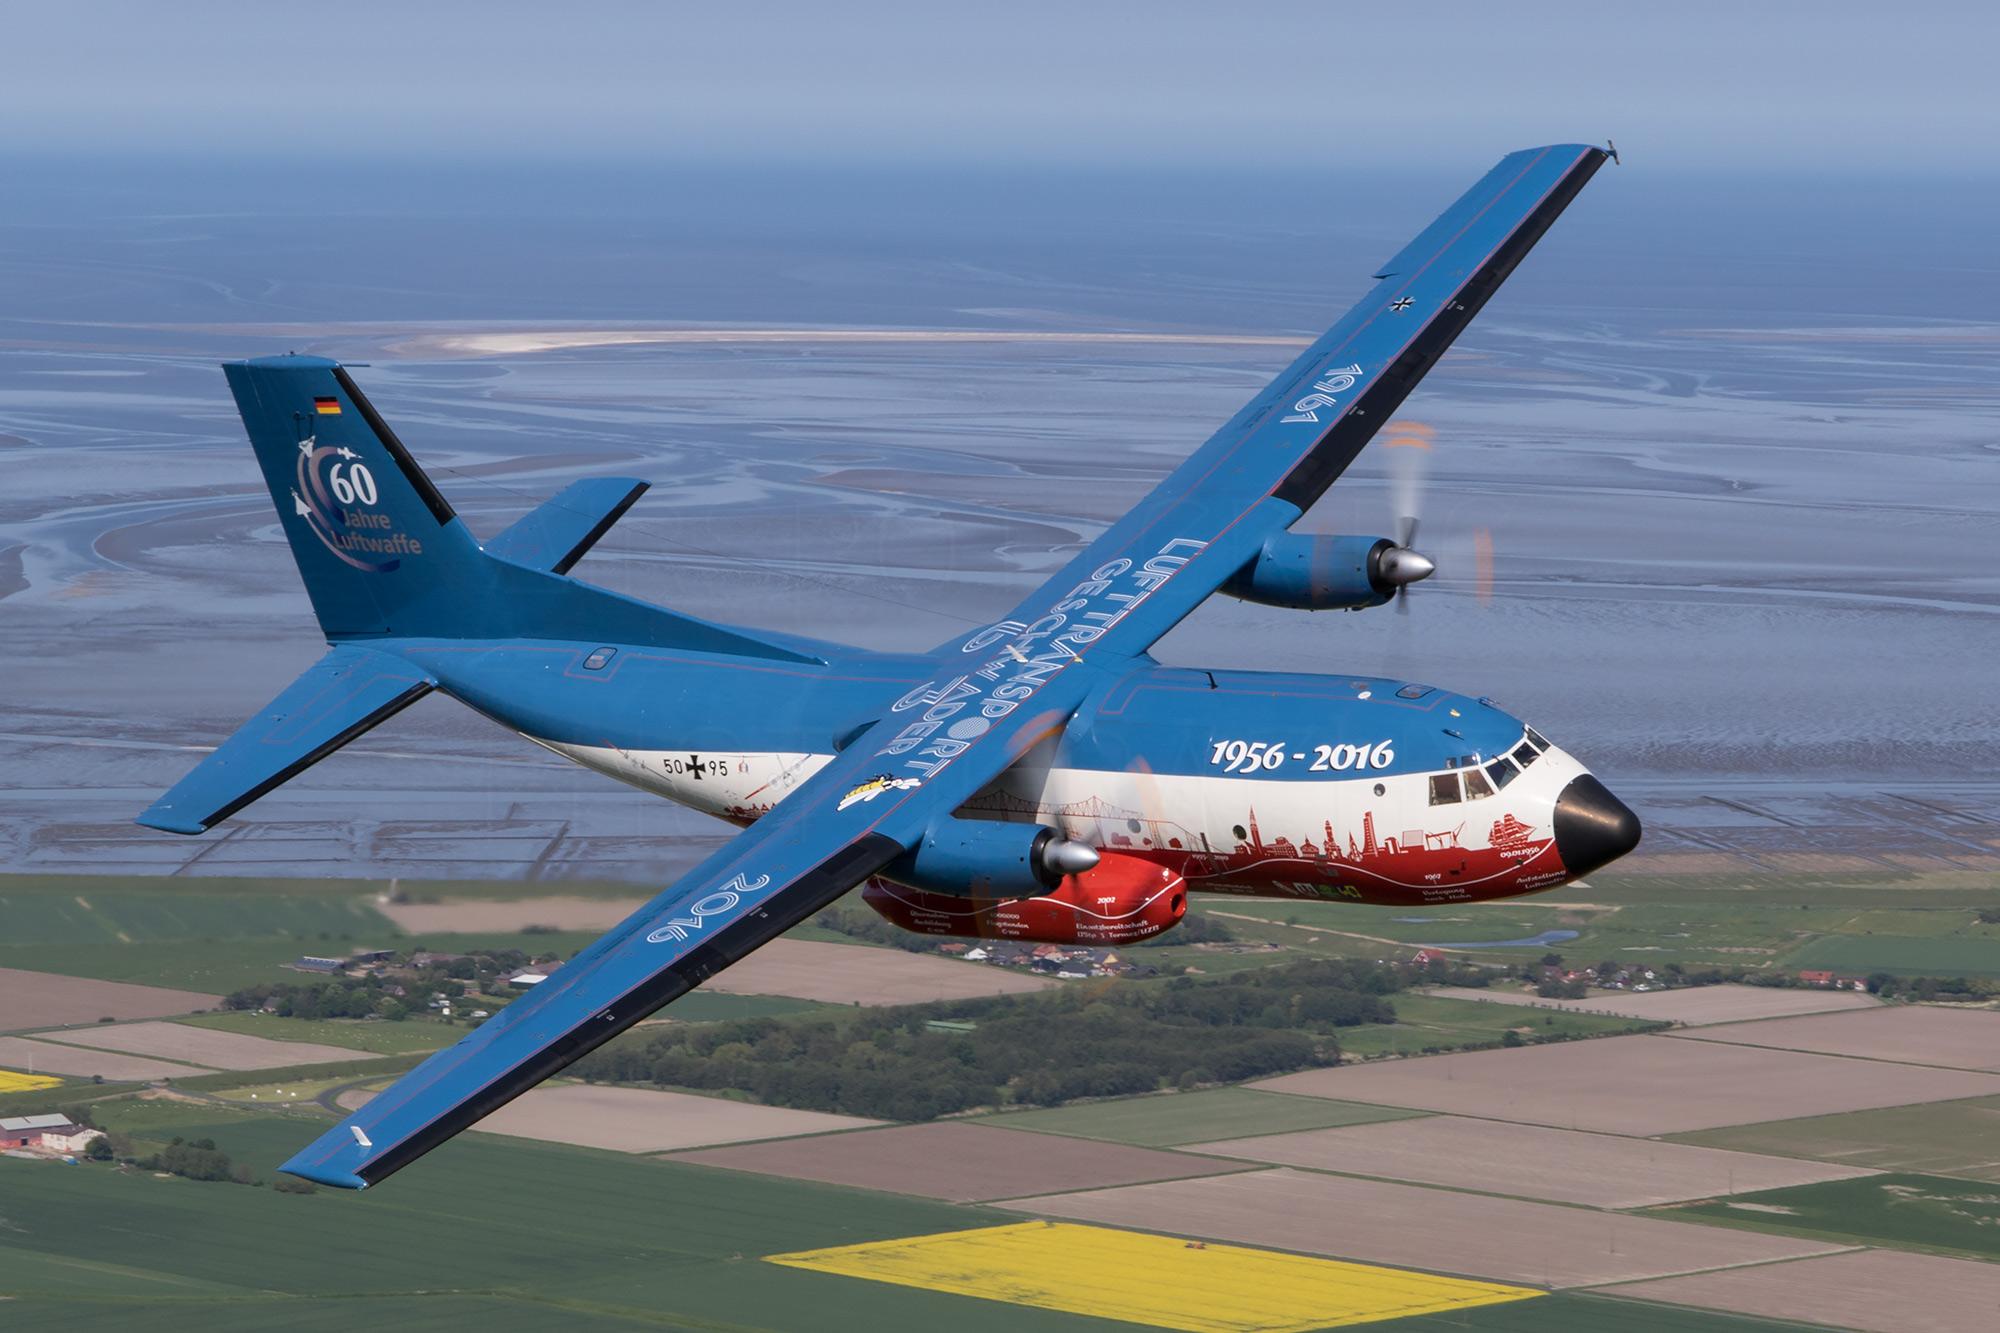 Airspotter.de 2016 Air to Air LTG 63 Transall C-160